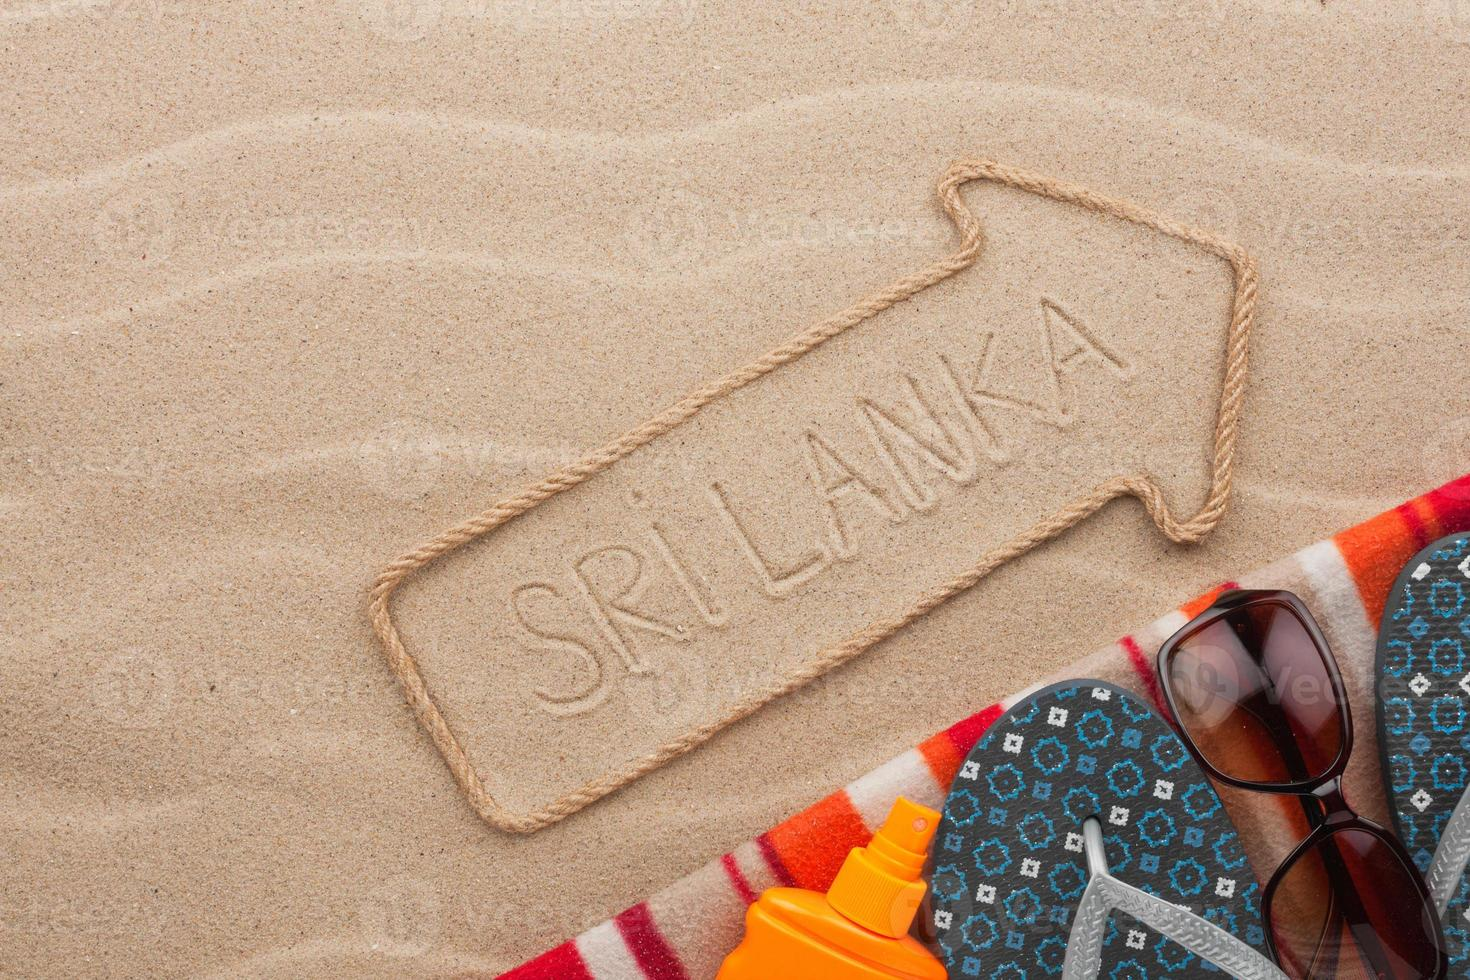 puntero de sri lanka y accesorios de playa tumbado en la arena foto